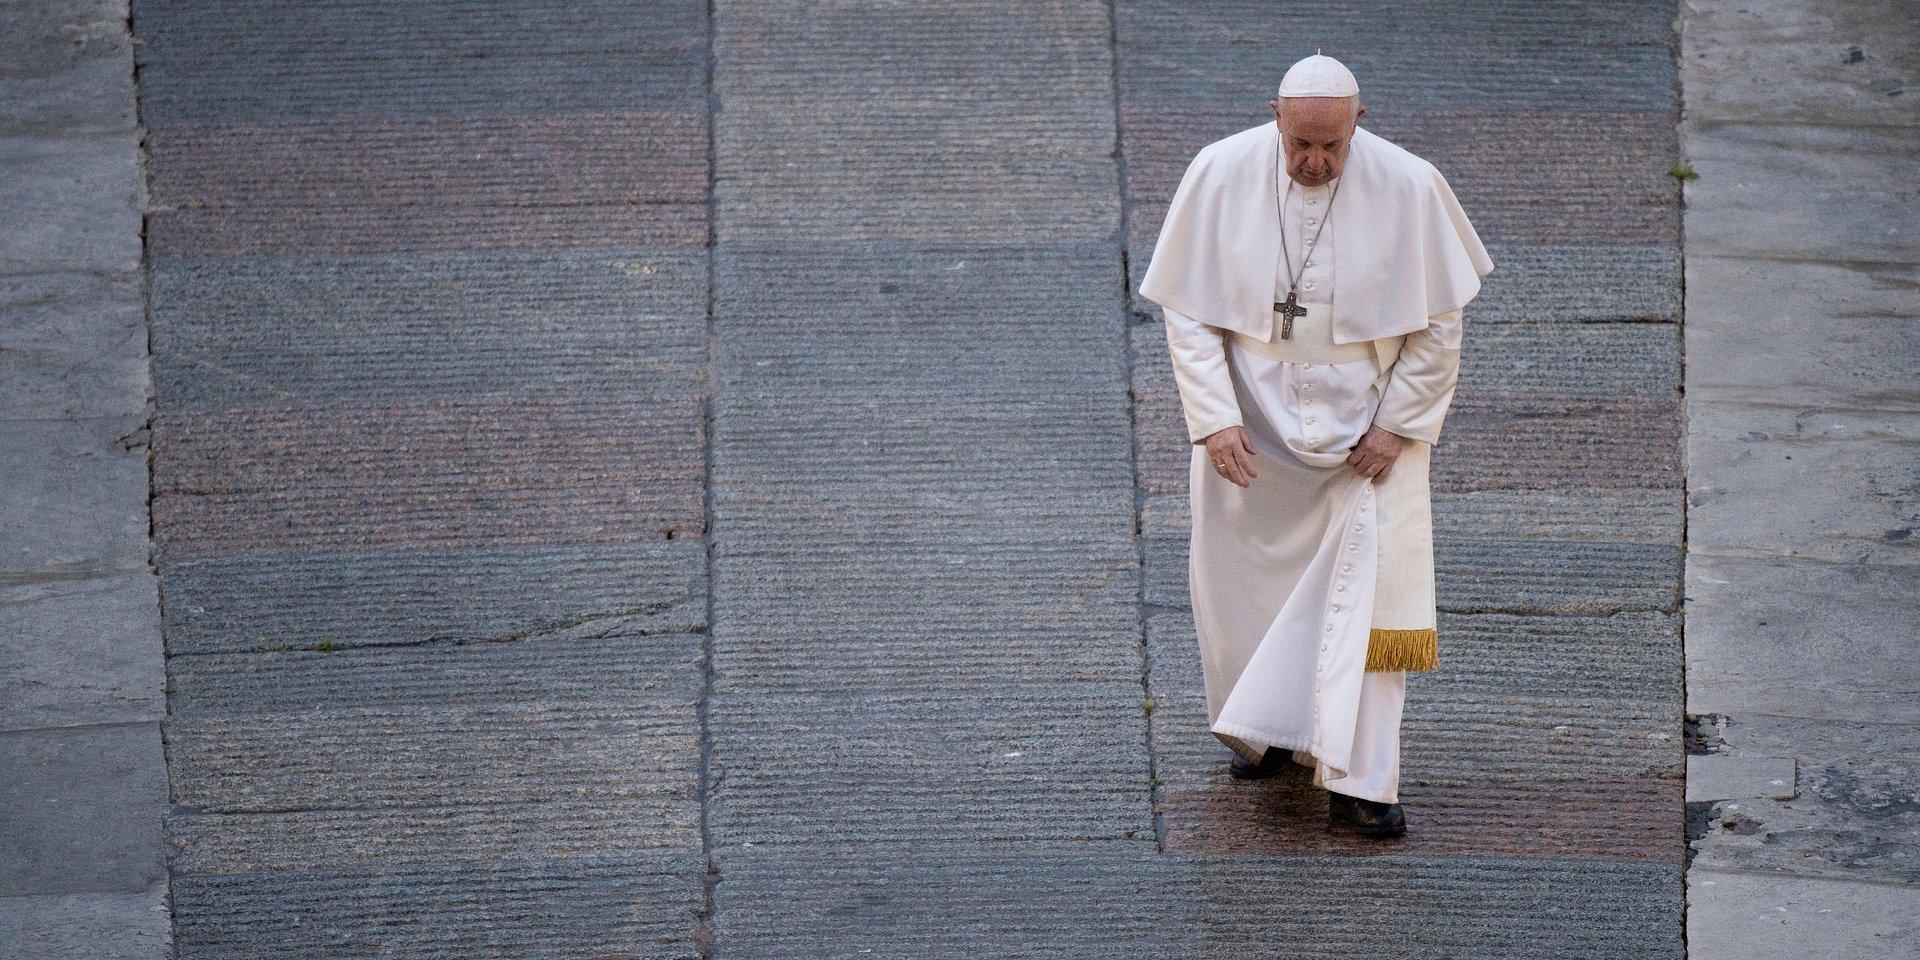 discovery+ ogłasza globalną premierę wyjątkowego filmu dokumentalnego o papieżu Franciszku